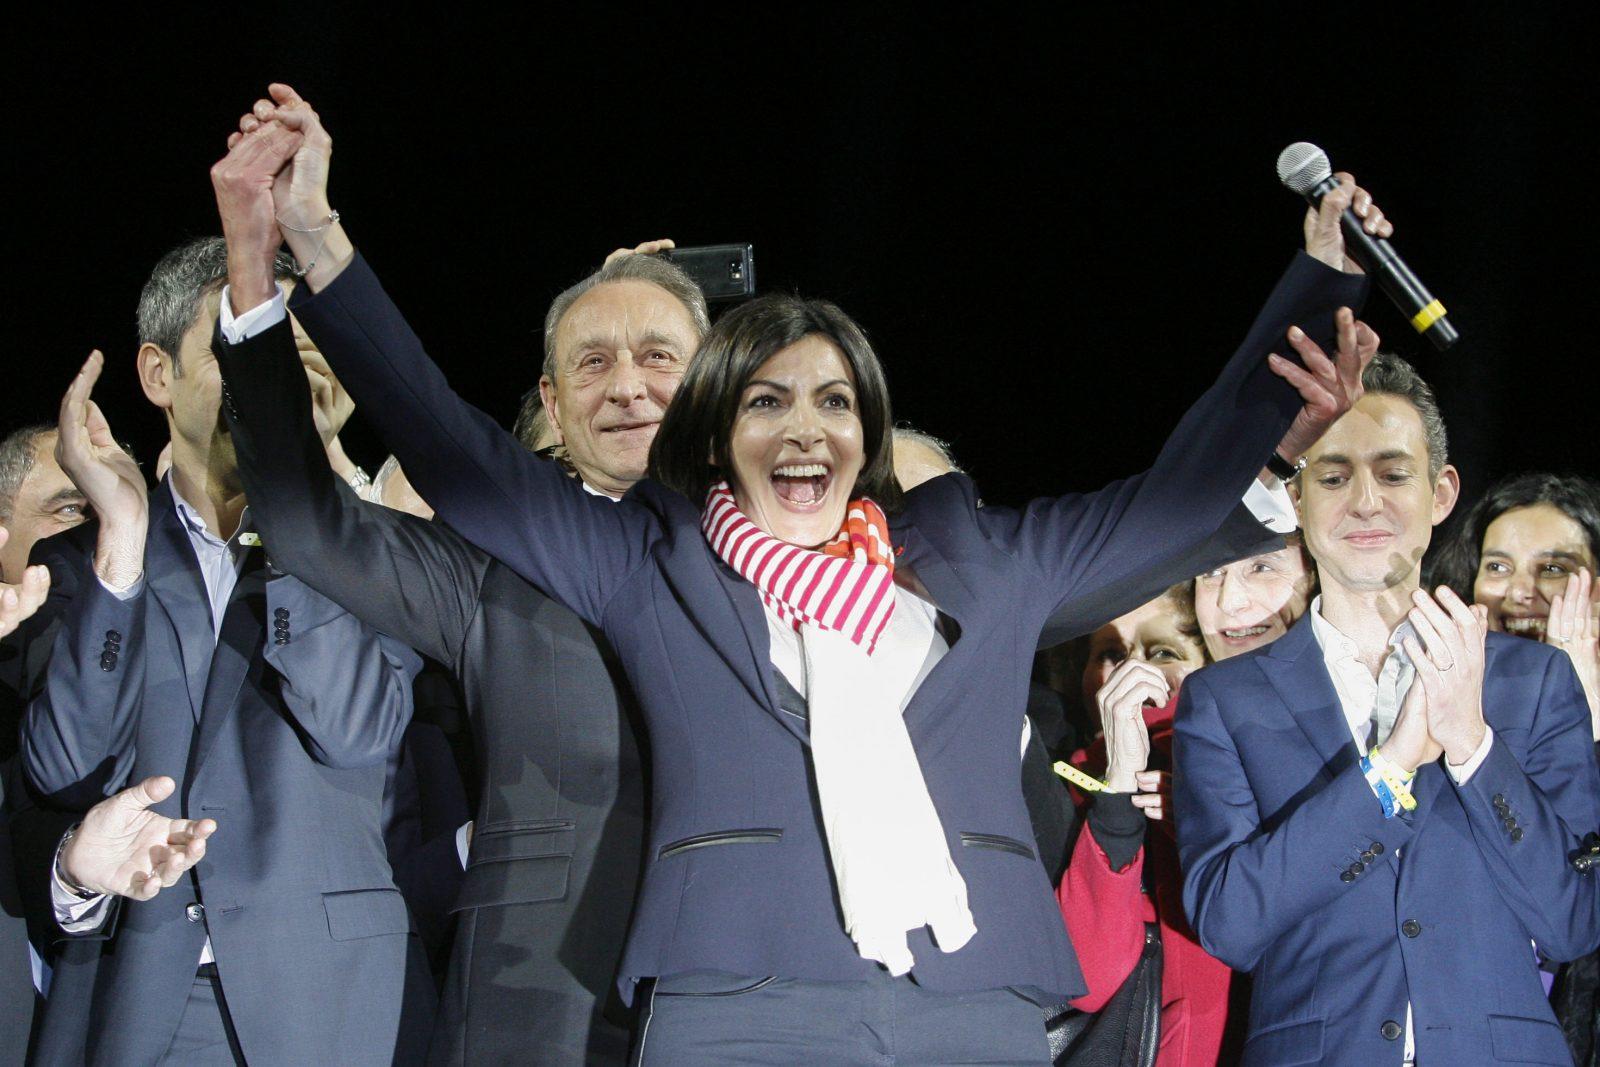 Die Bürgermeisterin von Paris, Anne Hidalgo (Grüne), jubelt über das Ergebnis bei den Kommunalwahlen Foto: picture alliance/CITYPRESS 24